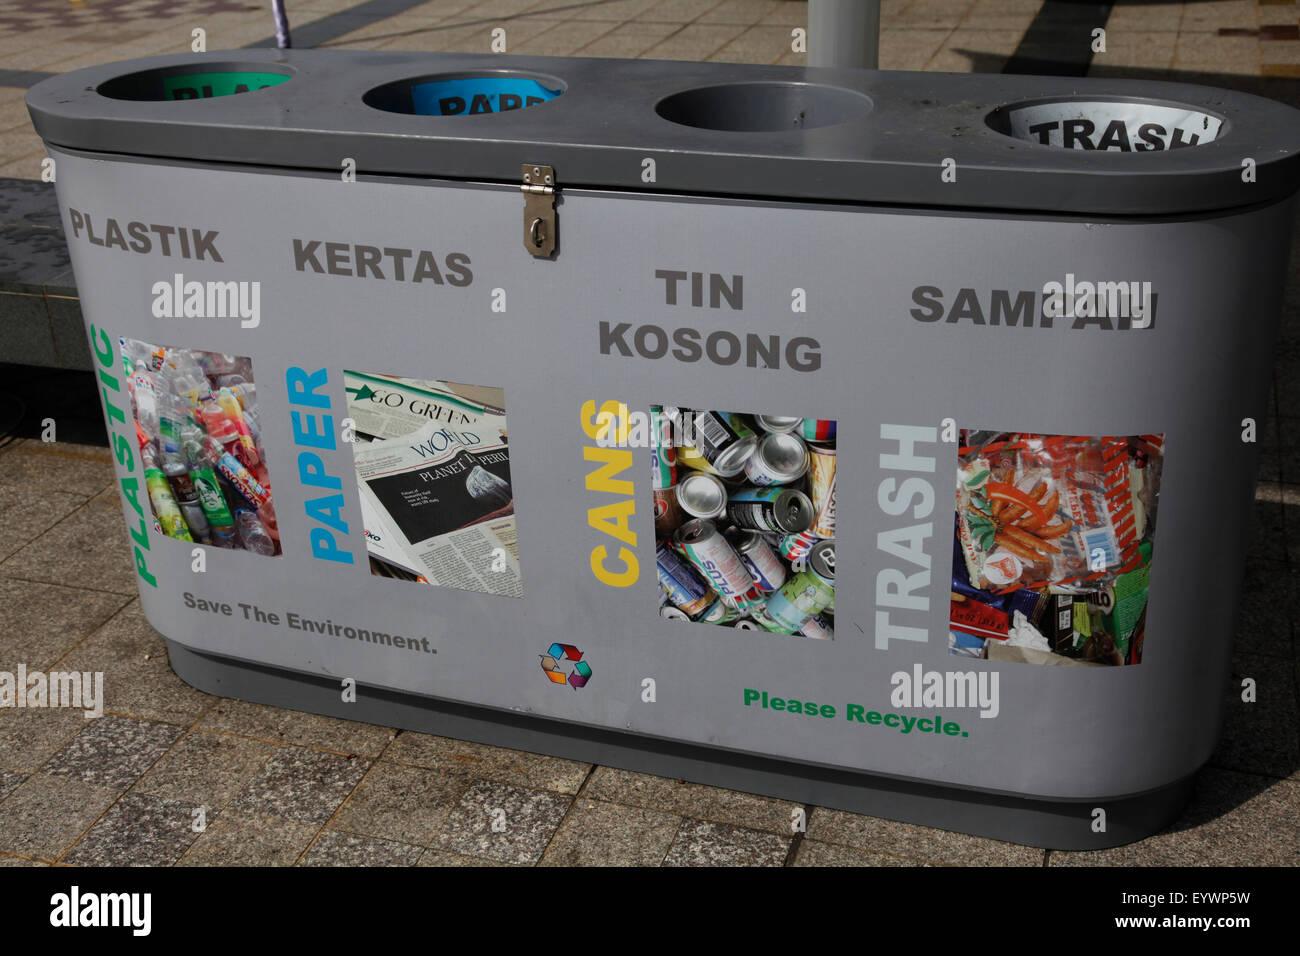 Recycling facilities in Bandar Seri Begawan, Brunei, Southeast Asia, Asia Stock Photo